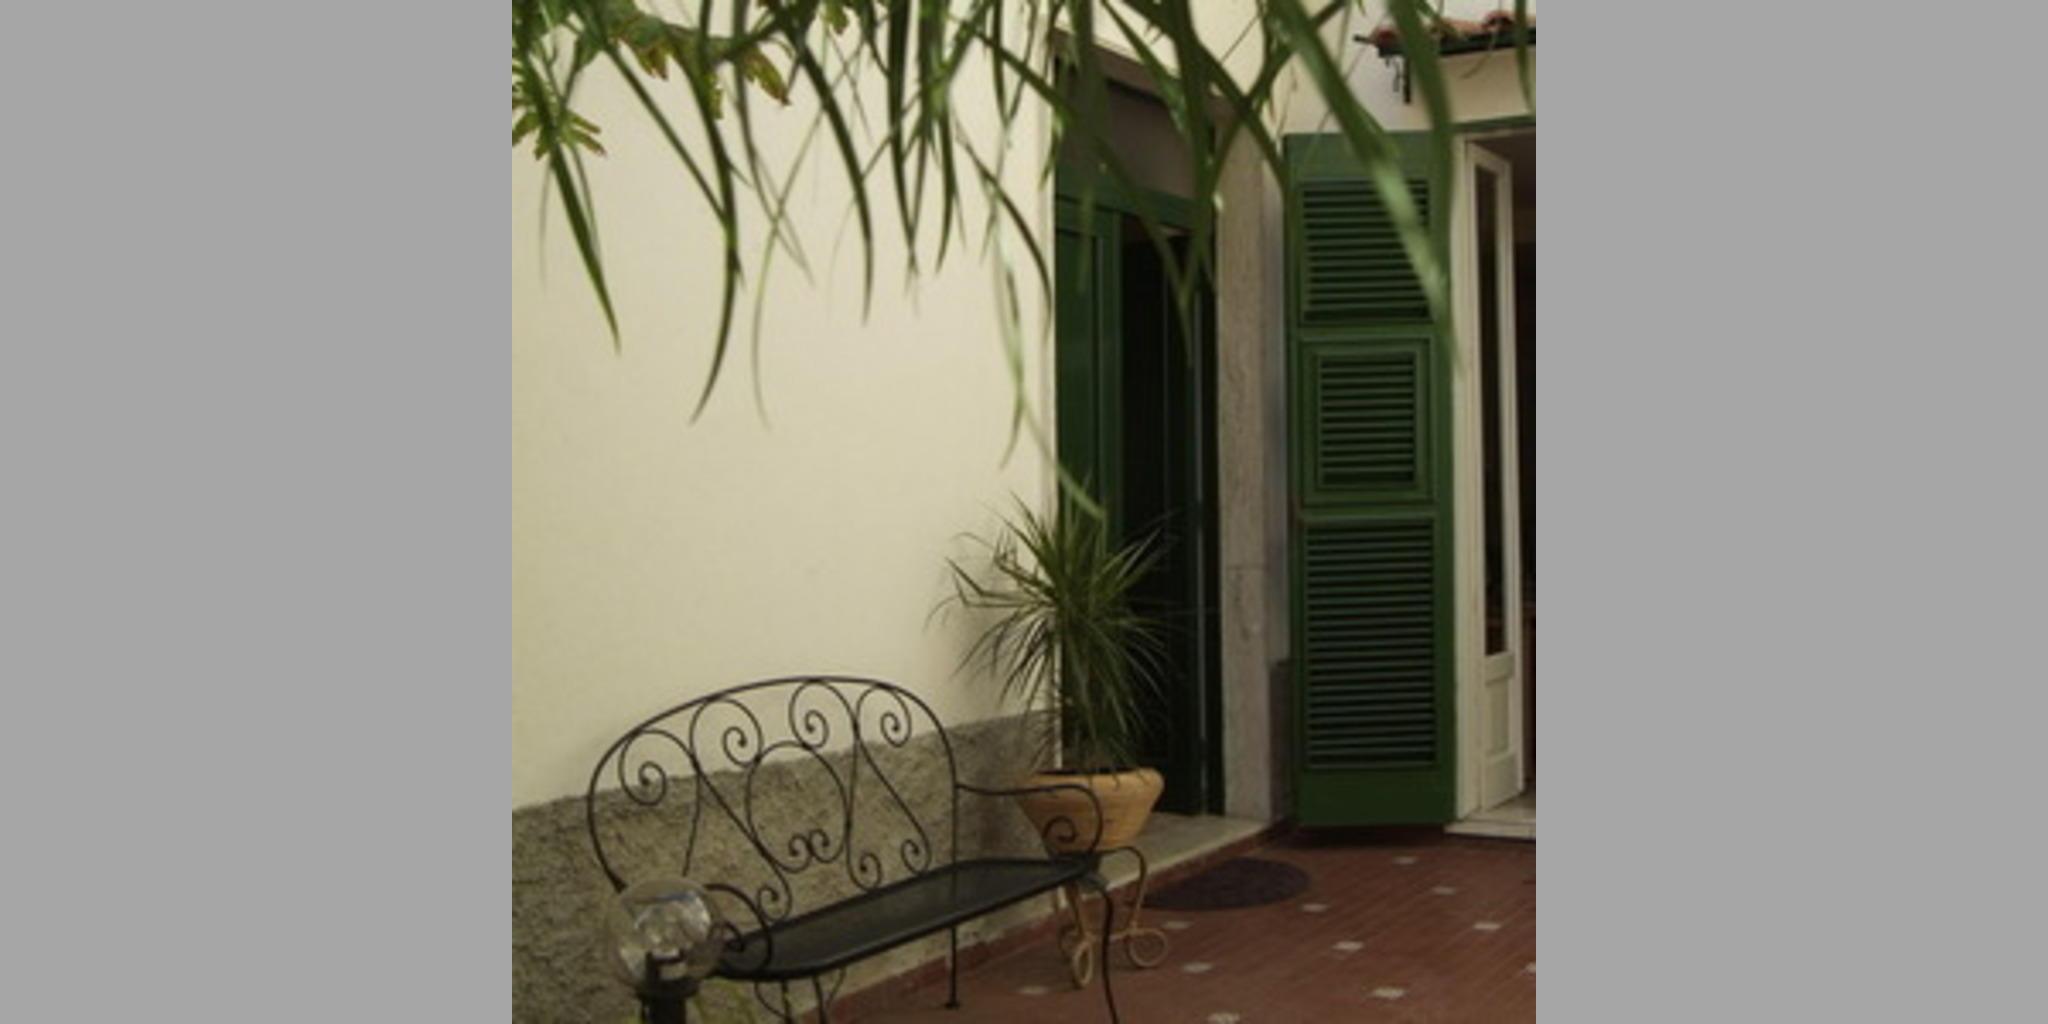 Bed & Breakfast Reggio Di Calabria - Reggio Calabria_A